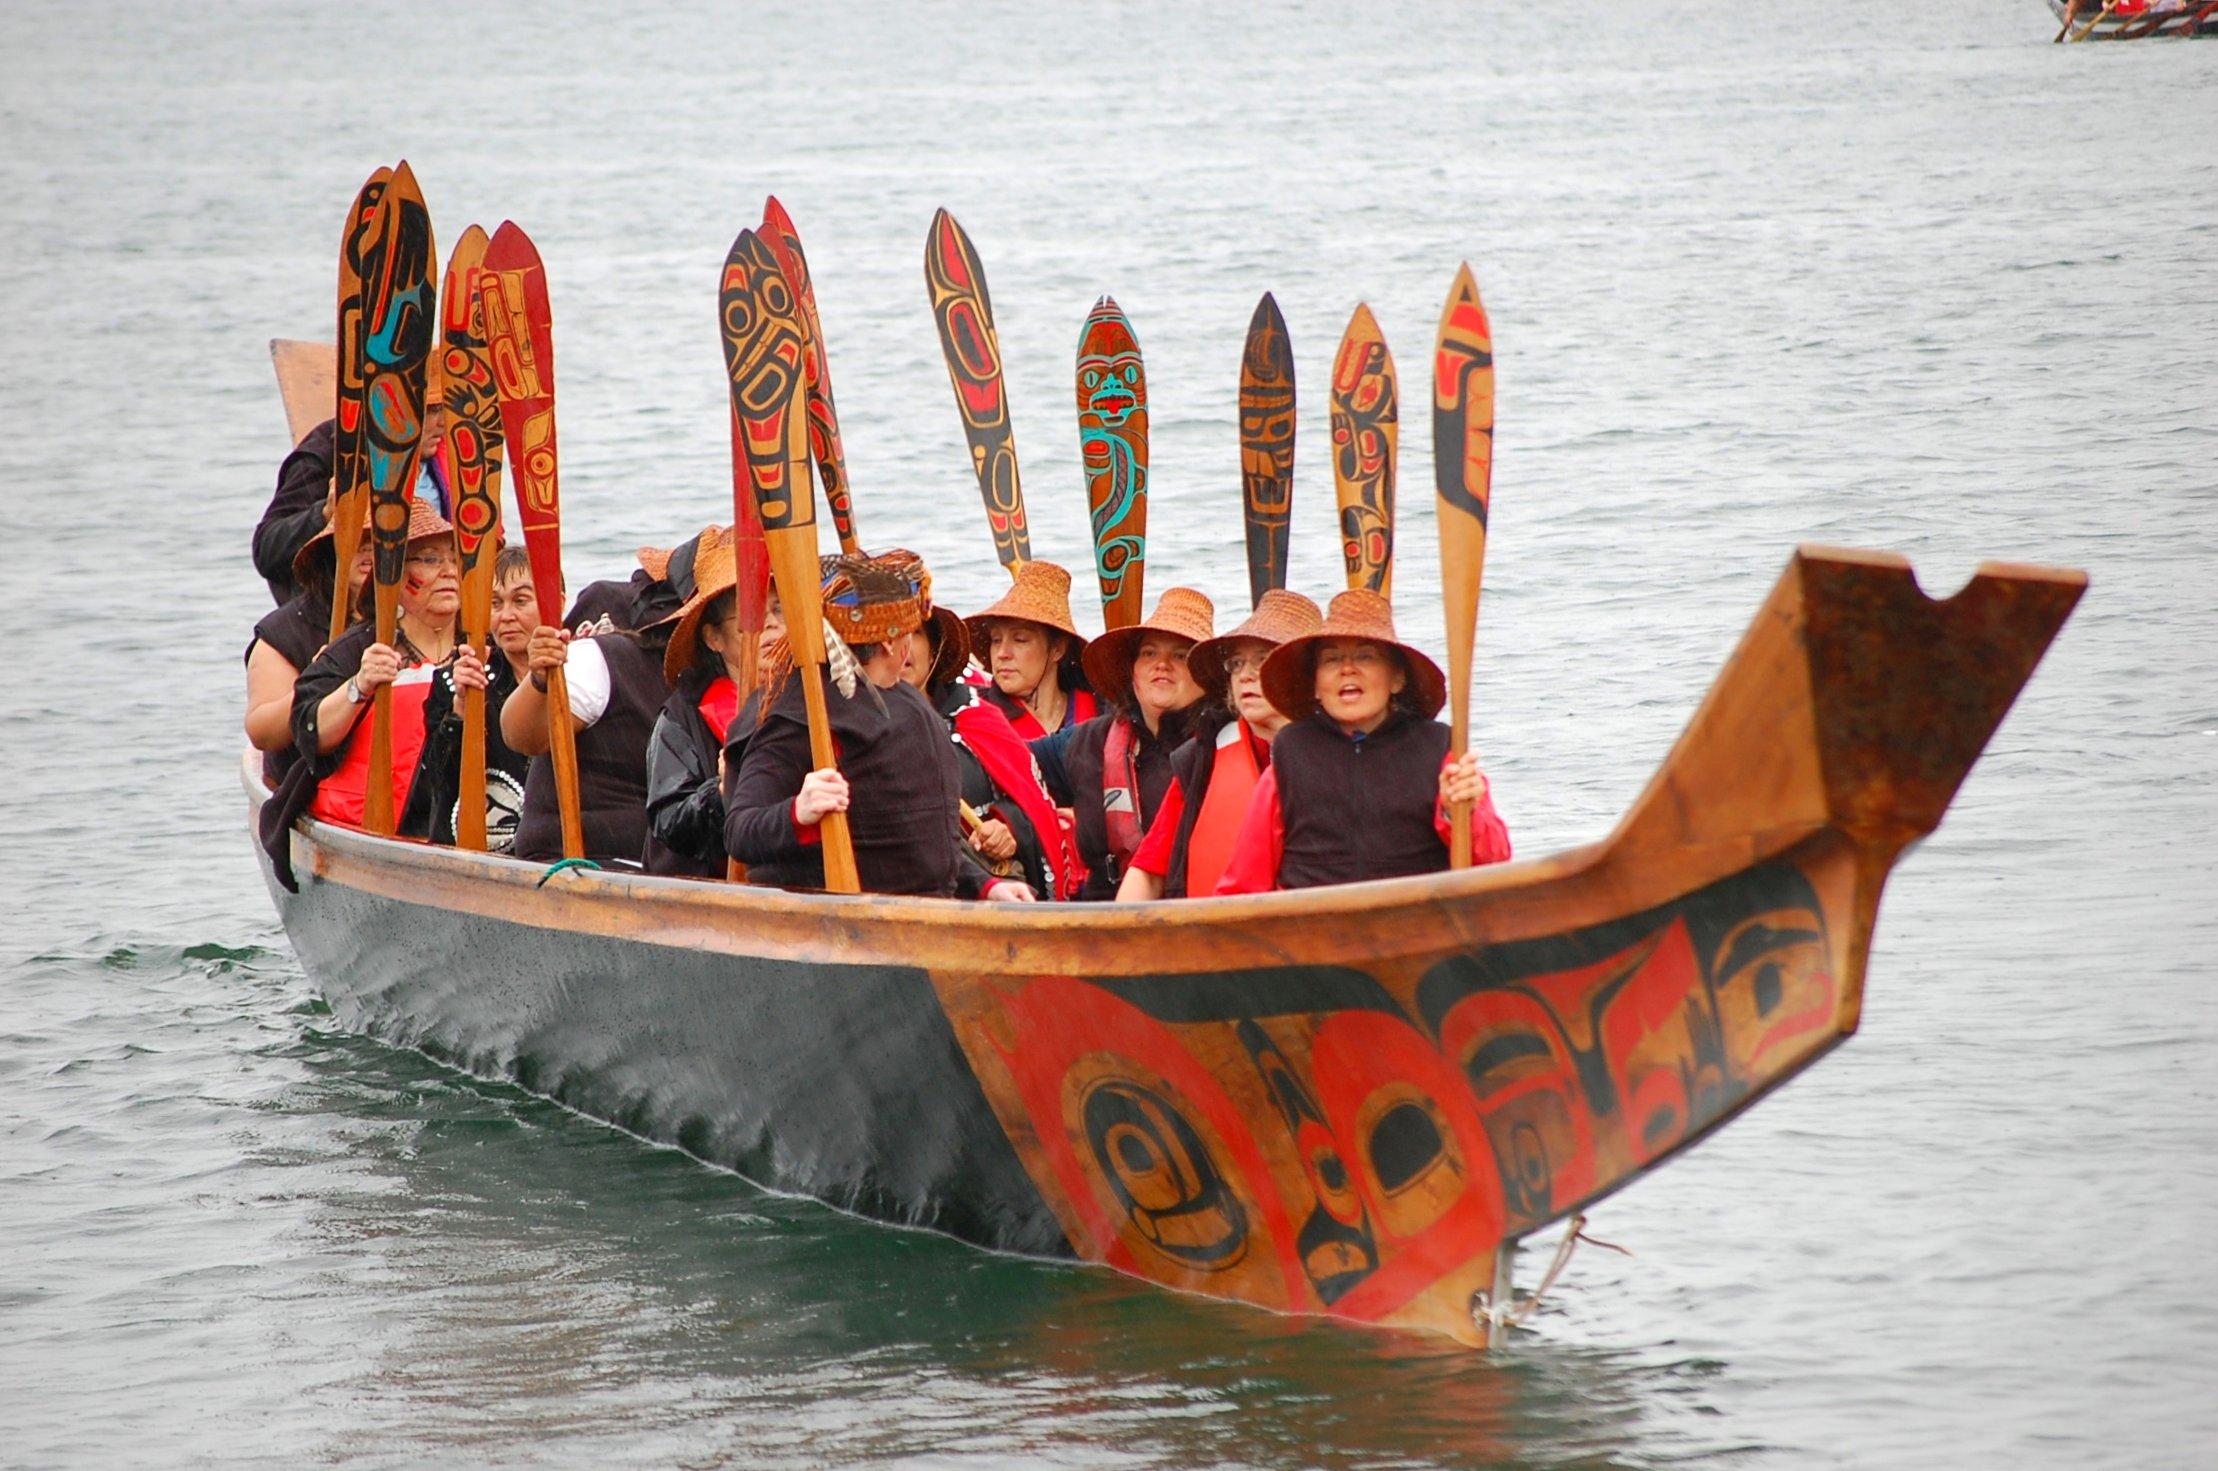 File:Haida canoe.jpg - Wikimedia Commons